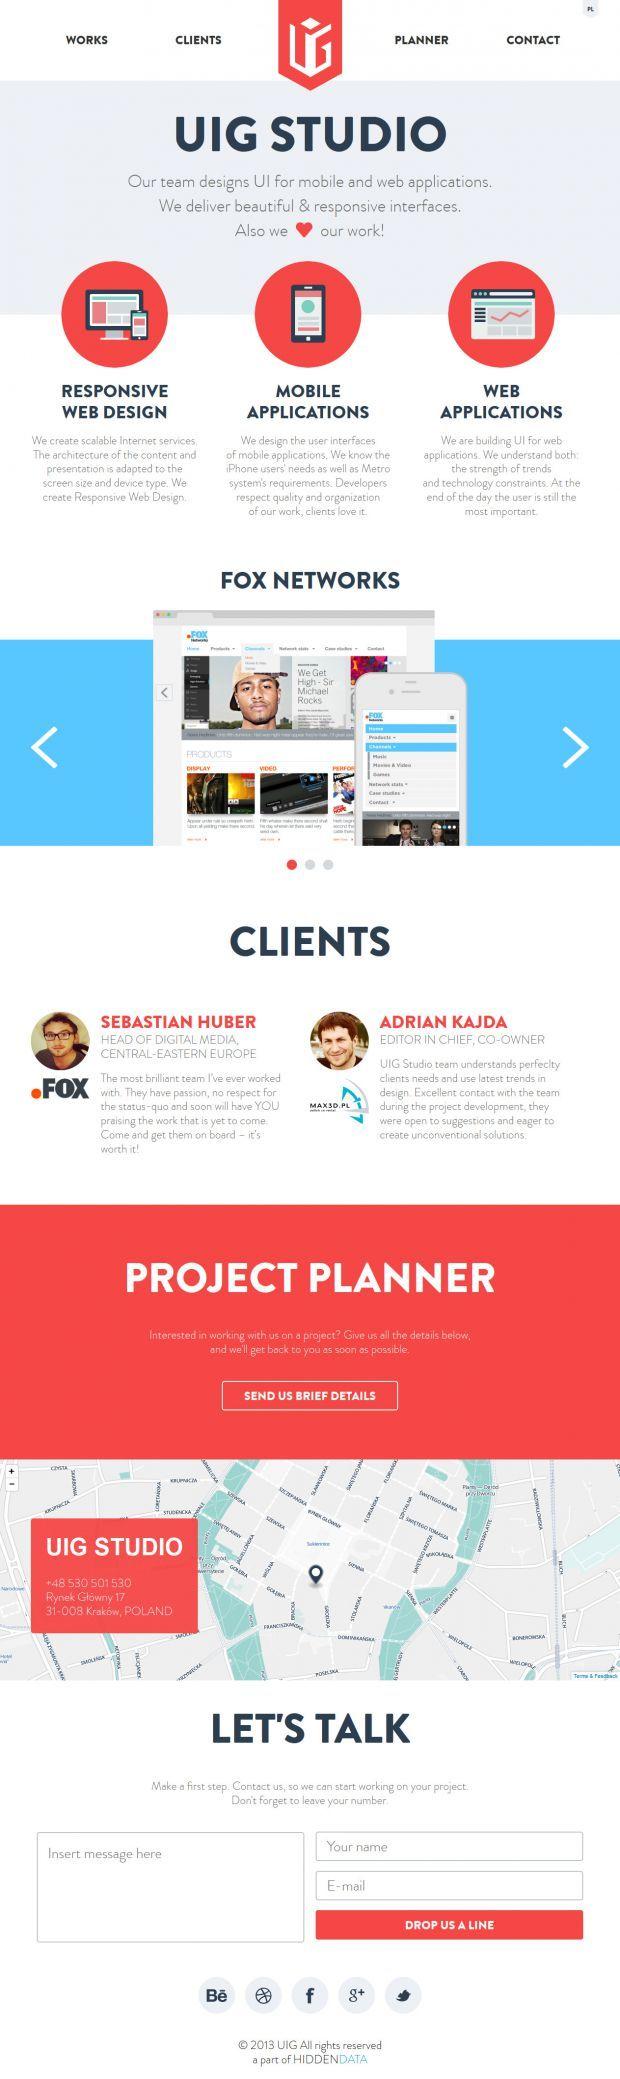 Webdesign Schweiz | Jetzt kostenlose Offerte anfordern http://www.swisswebwork.ch UIG Studio - deliver beautiful and responsive interfaces - Webdesign inspiration